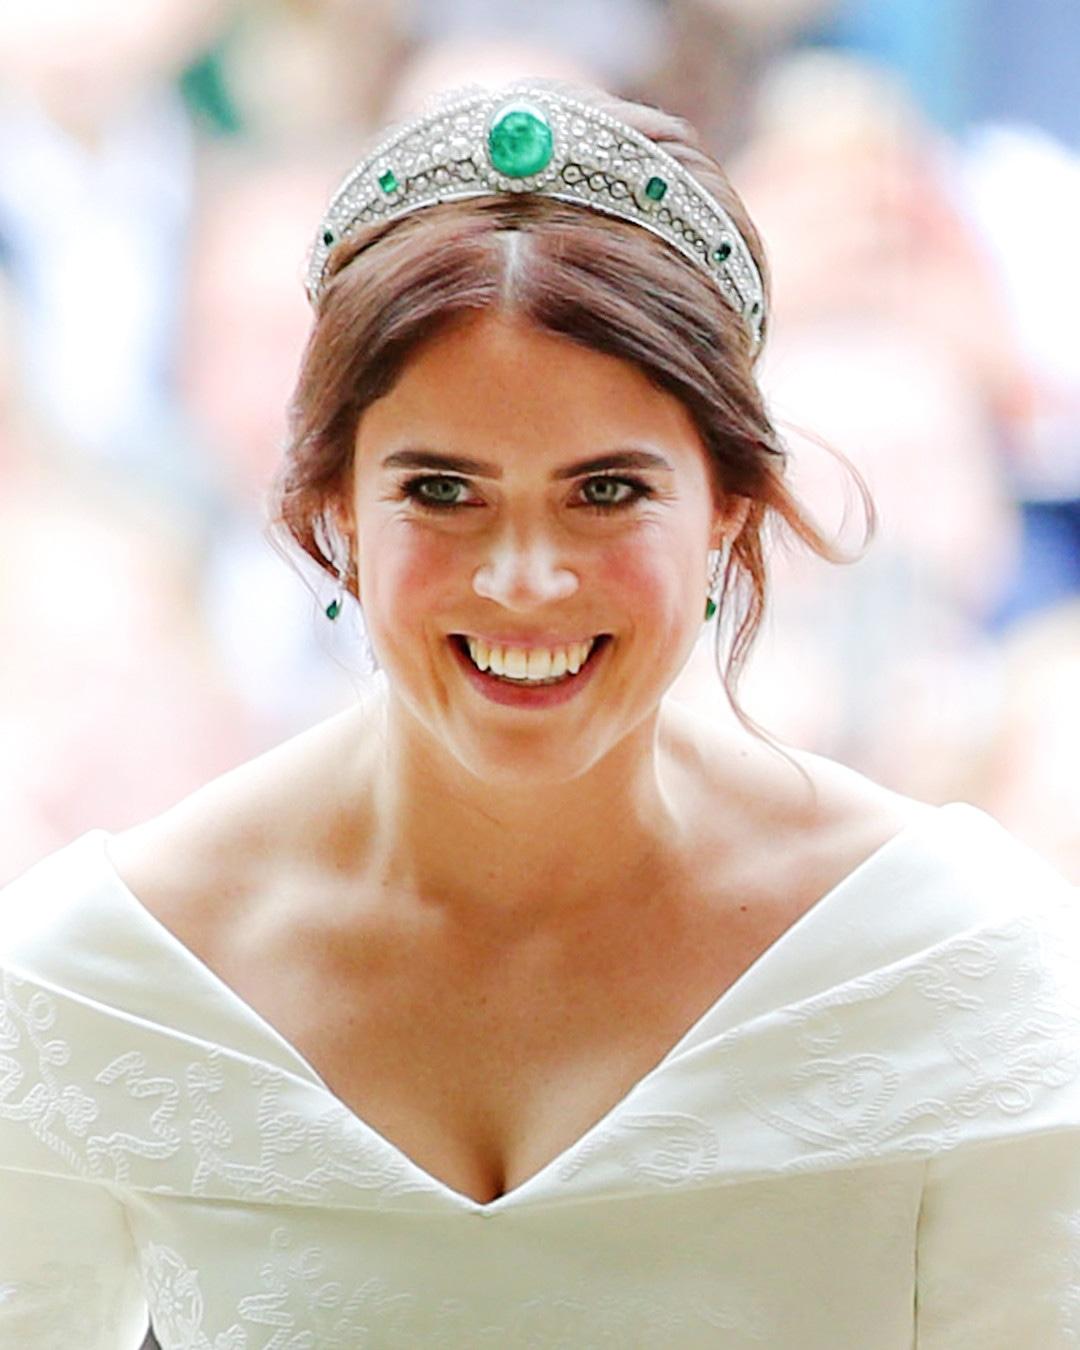 ESC: Princess Eugenie, Tiara, Princess Eugenie Royal Wedding